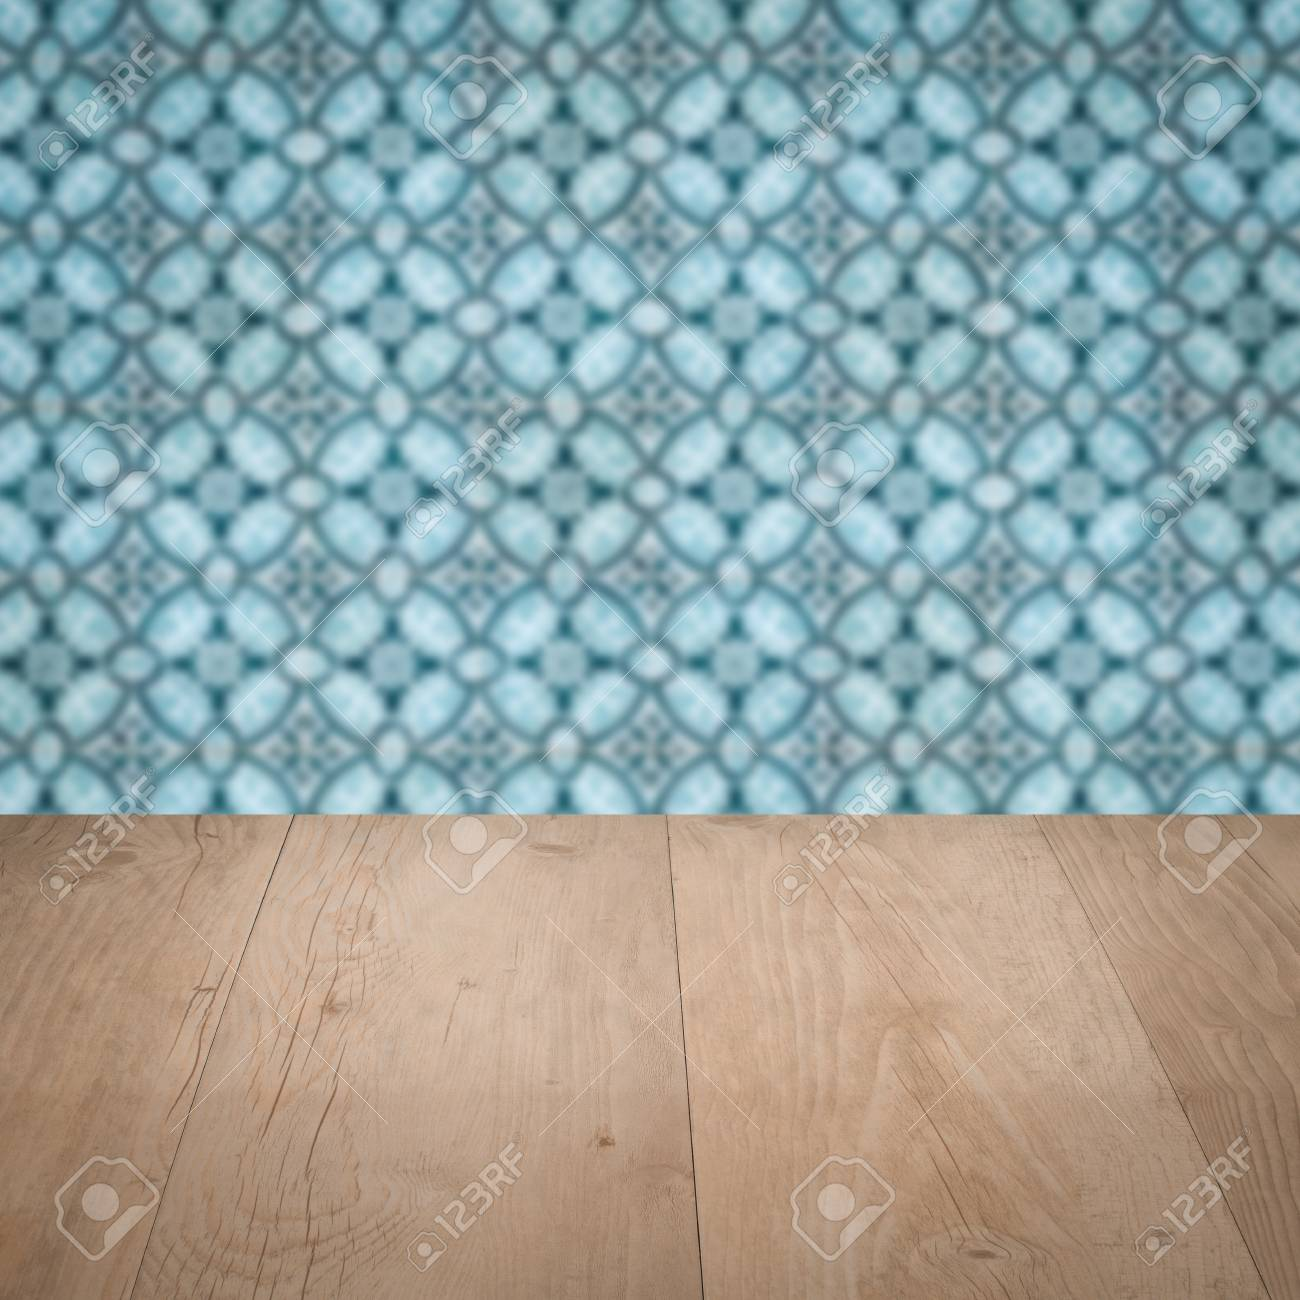 Amüsant Muster Wand Dekoration Von Leere Holztischplatte Und Unschärfe Vintage Keramische Fliesen